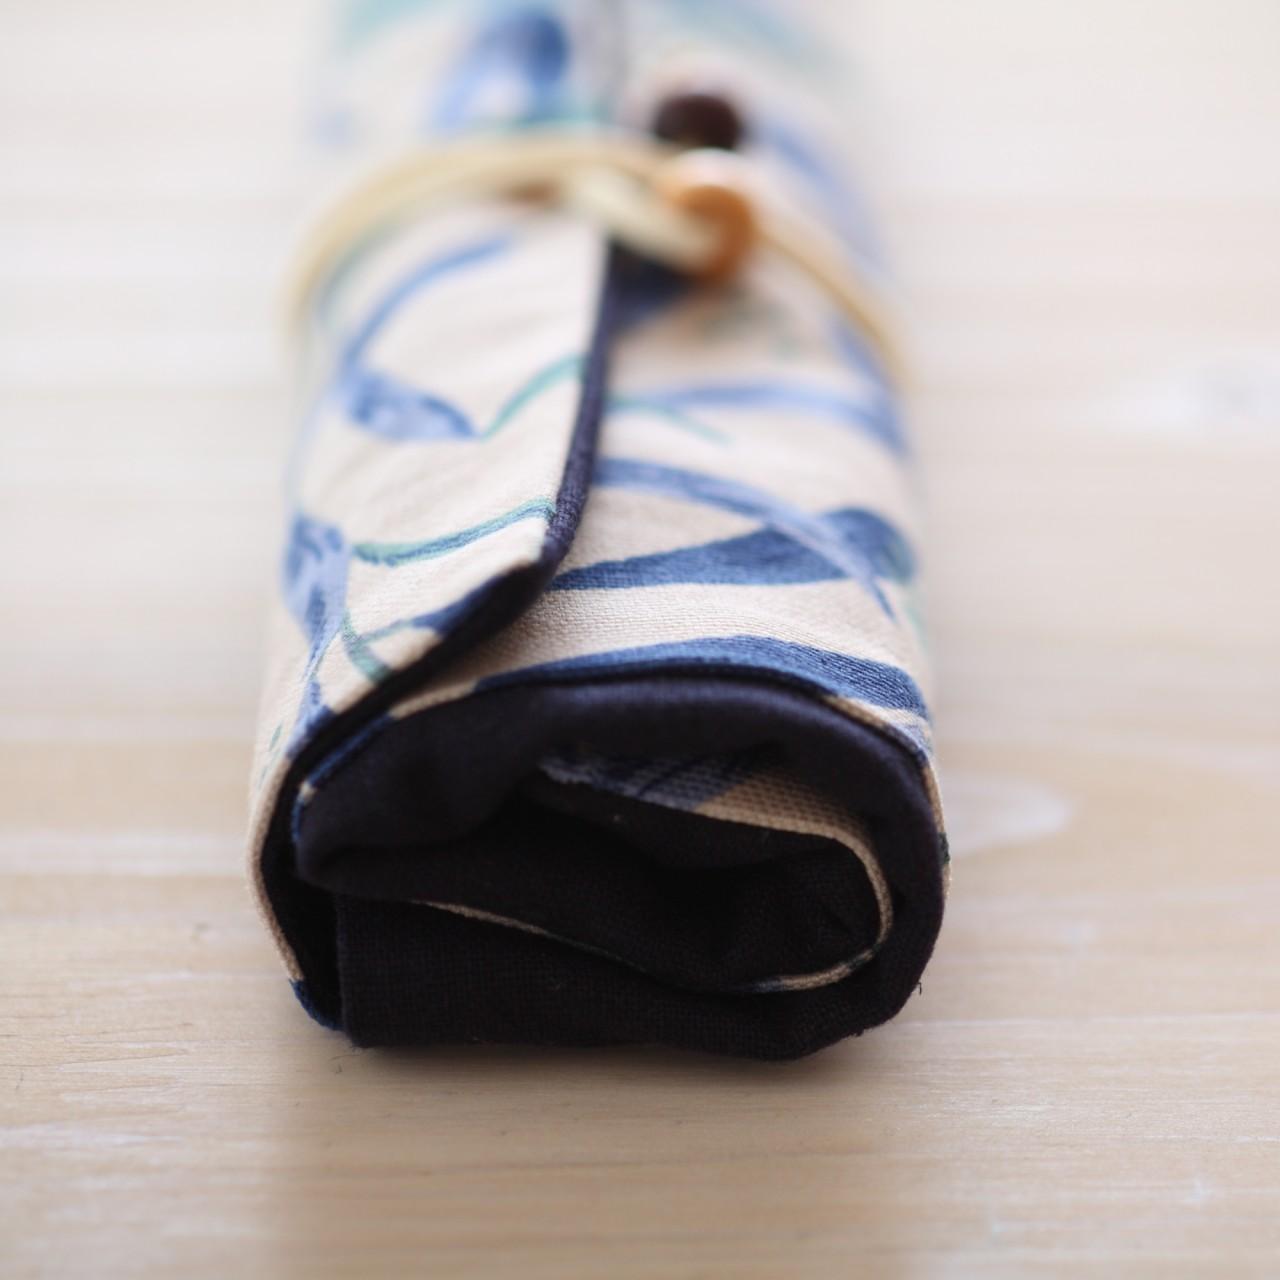 퀼트패키지 펜케이스 돌돌말이필통2 퀼트필통만들기 - 나미꼬의퀼트카페, 5,500원, 퀼트/원단공예, 수납/주머니 패키지